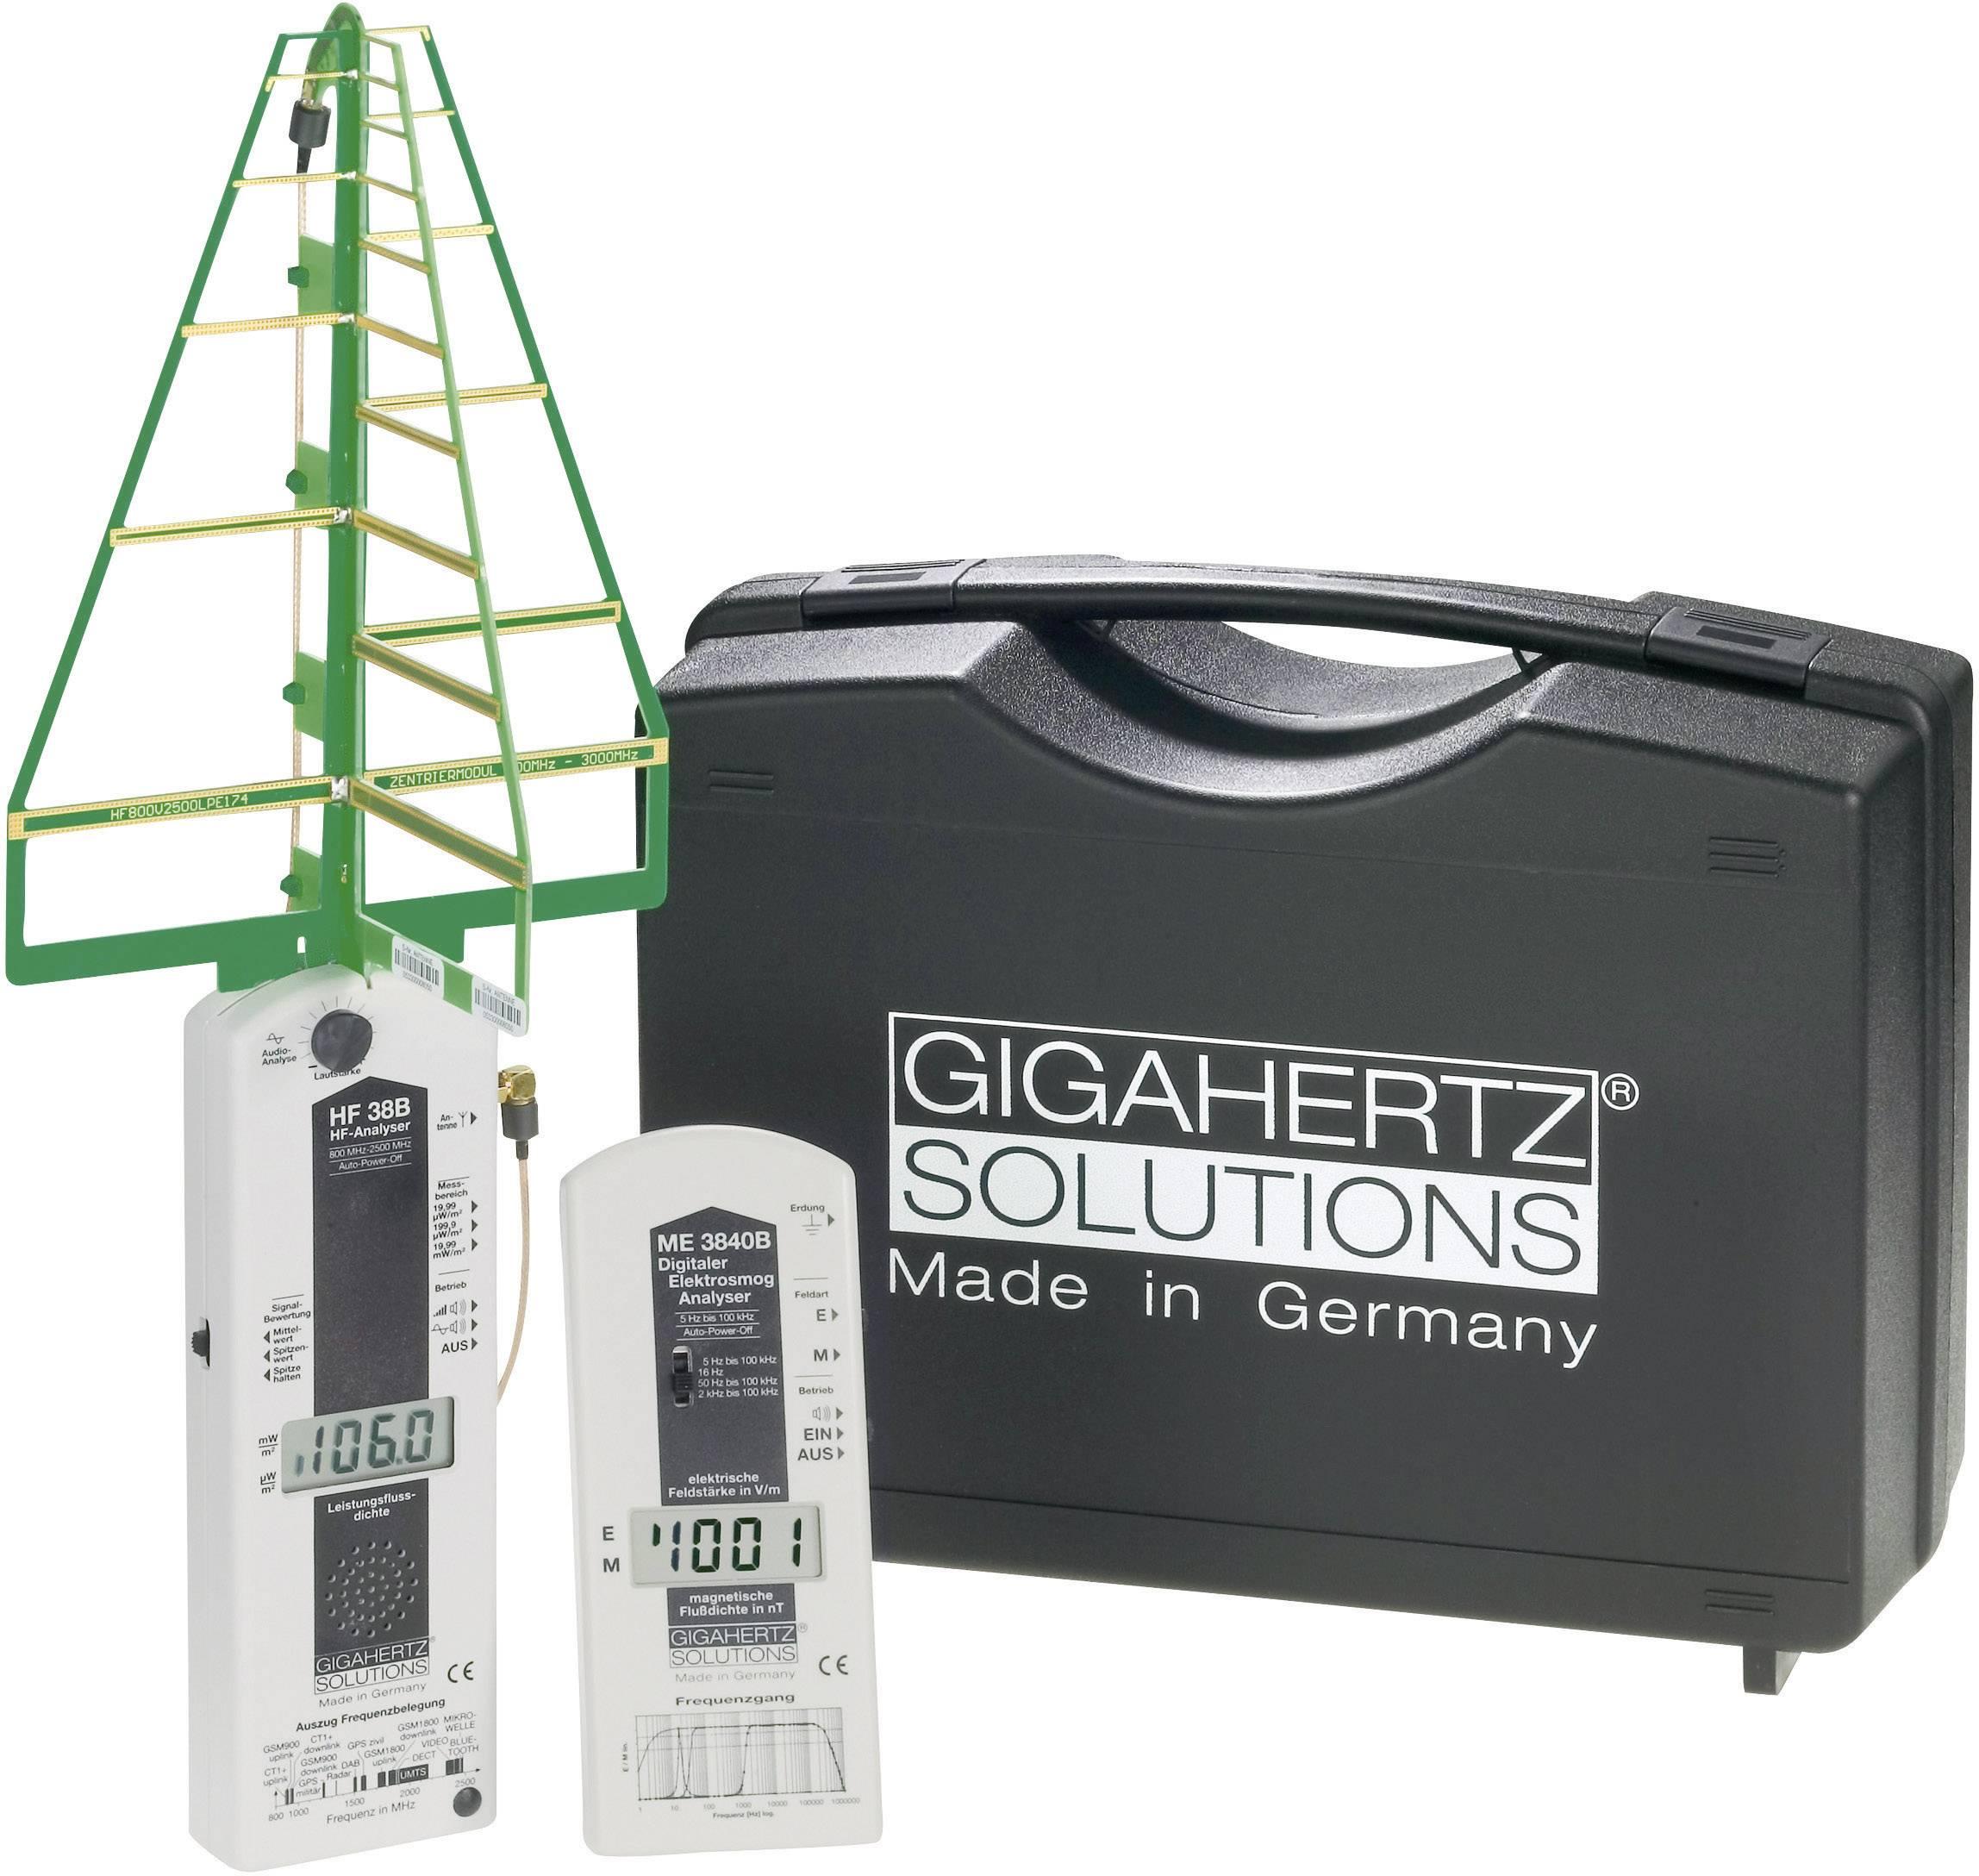 Sada přístrojů pro měření elektrosmogu Gigahertz Solutions MK30